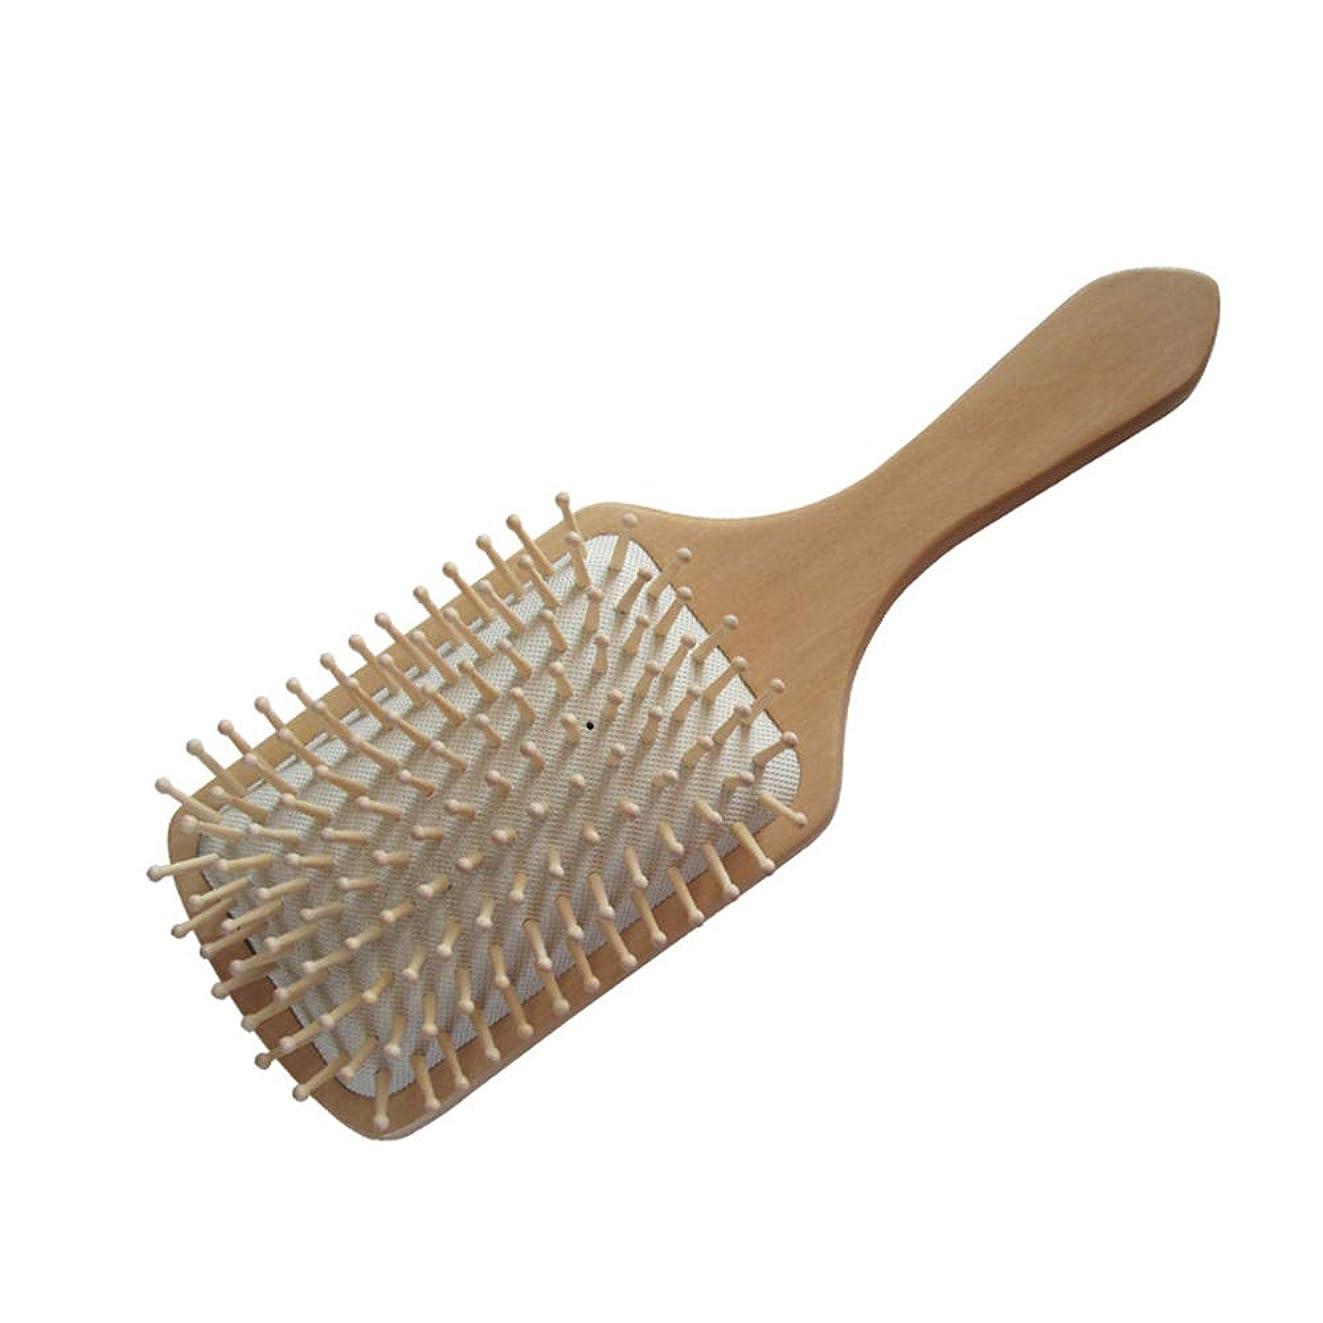 ゴミ箱彫るルアーヘアーコーム ヘアブラシ、ナチュラルな木製の大きなハンドル、エアバッグマッサージの櫛男性と女性のための、タングル、長く、厚い、カーリー、波状の、乾燥した、損傷した髪のための最高のヘアブラシスタイル 理髪の櫛 (色 : 白)